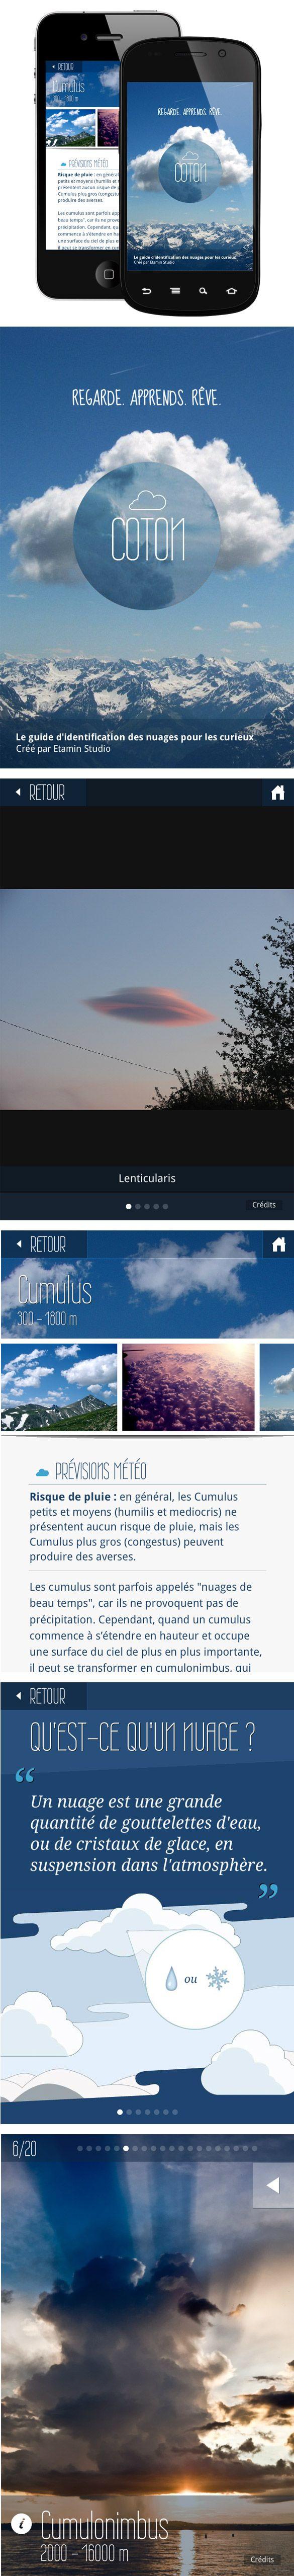 Cotton, una aplicación móvil para descubrir las nubes :)   – UI/UX